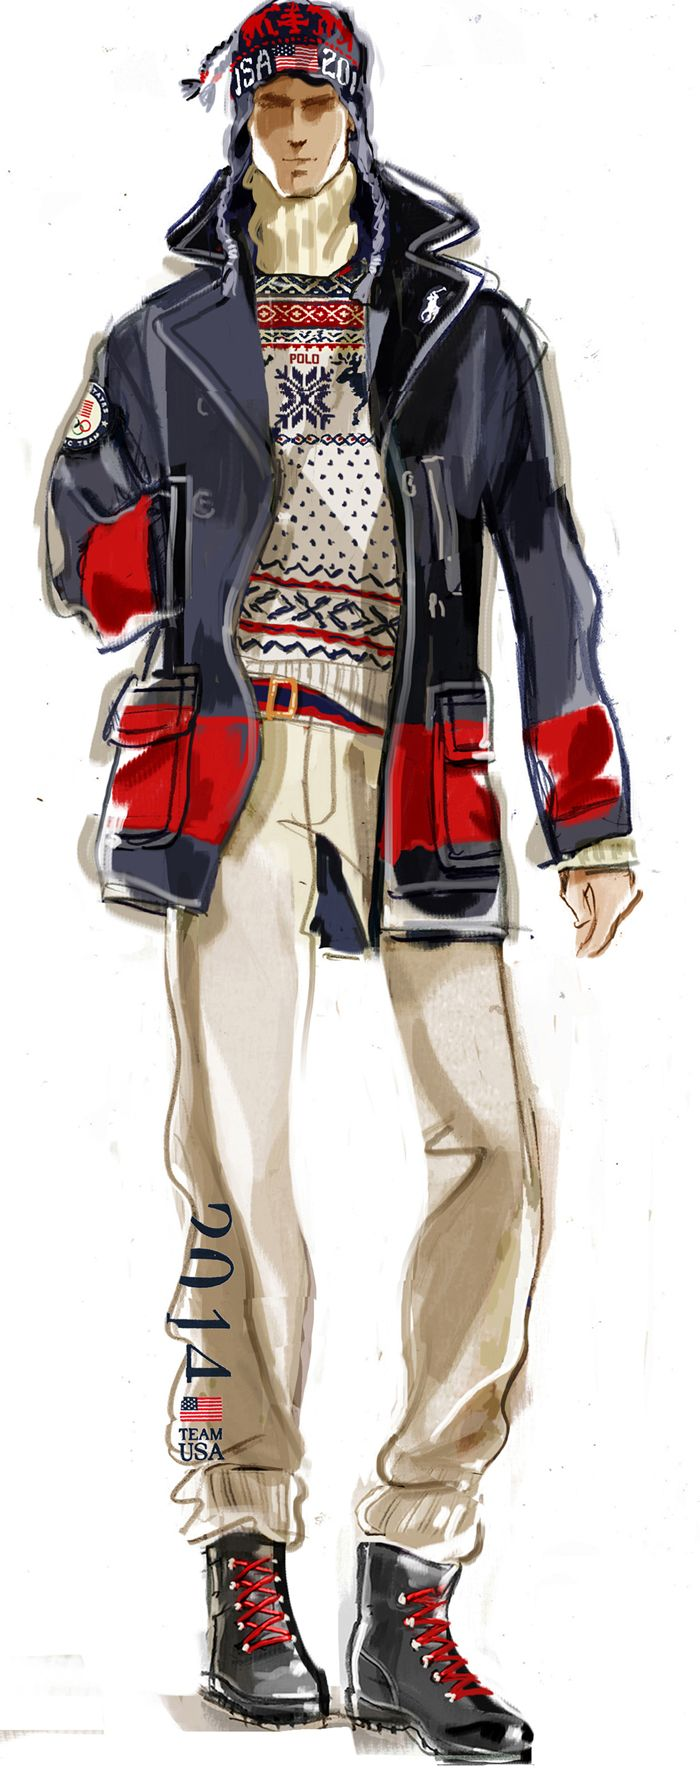 Drawn men suit illustration #4